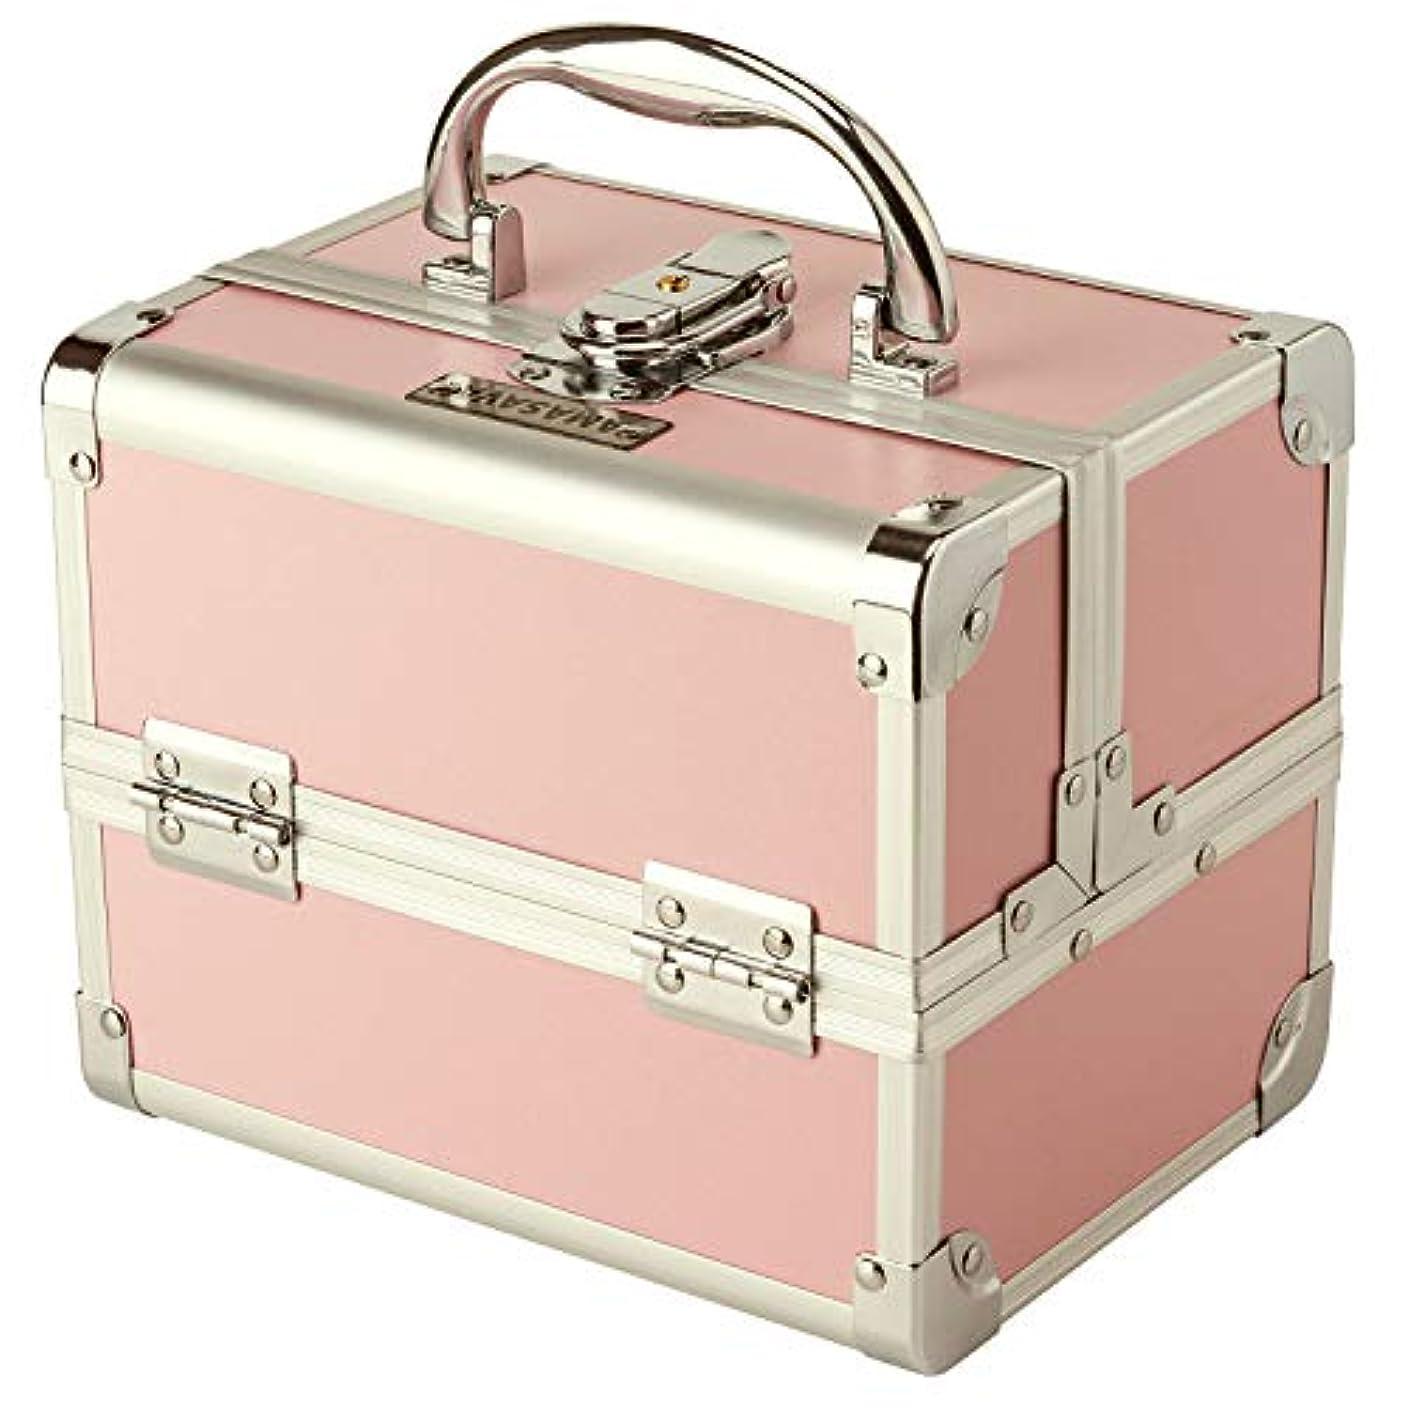 緯度ストローク周囲Amasava メイクボックス 鏡付き コスメボックス プロ用 収納ボックス 化粧品 ジュエリー ネイルカラー メイク道具入れ 鍵付き コンパクト ピンク